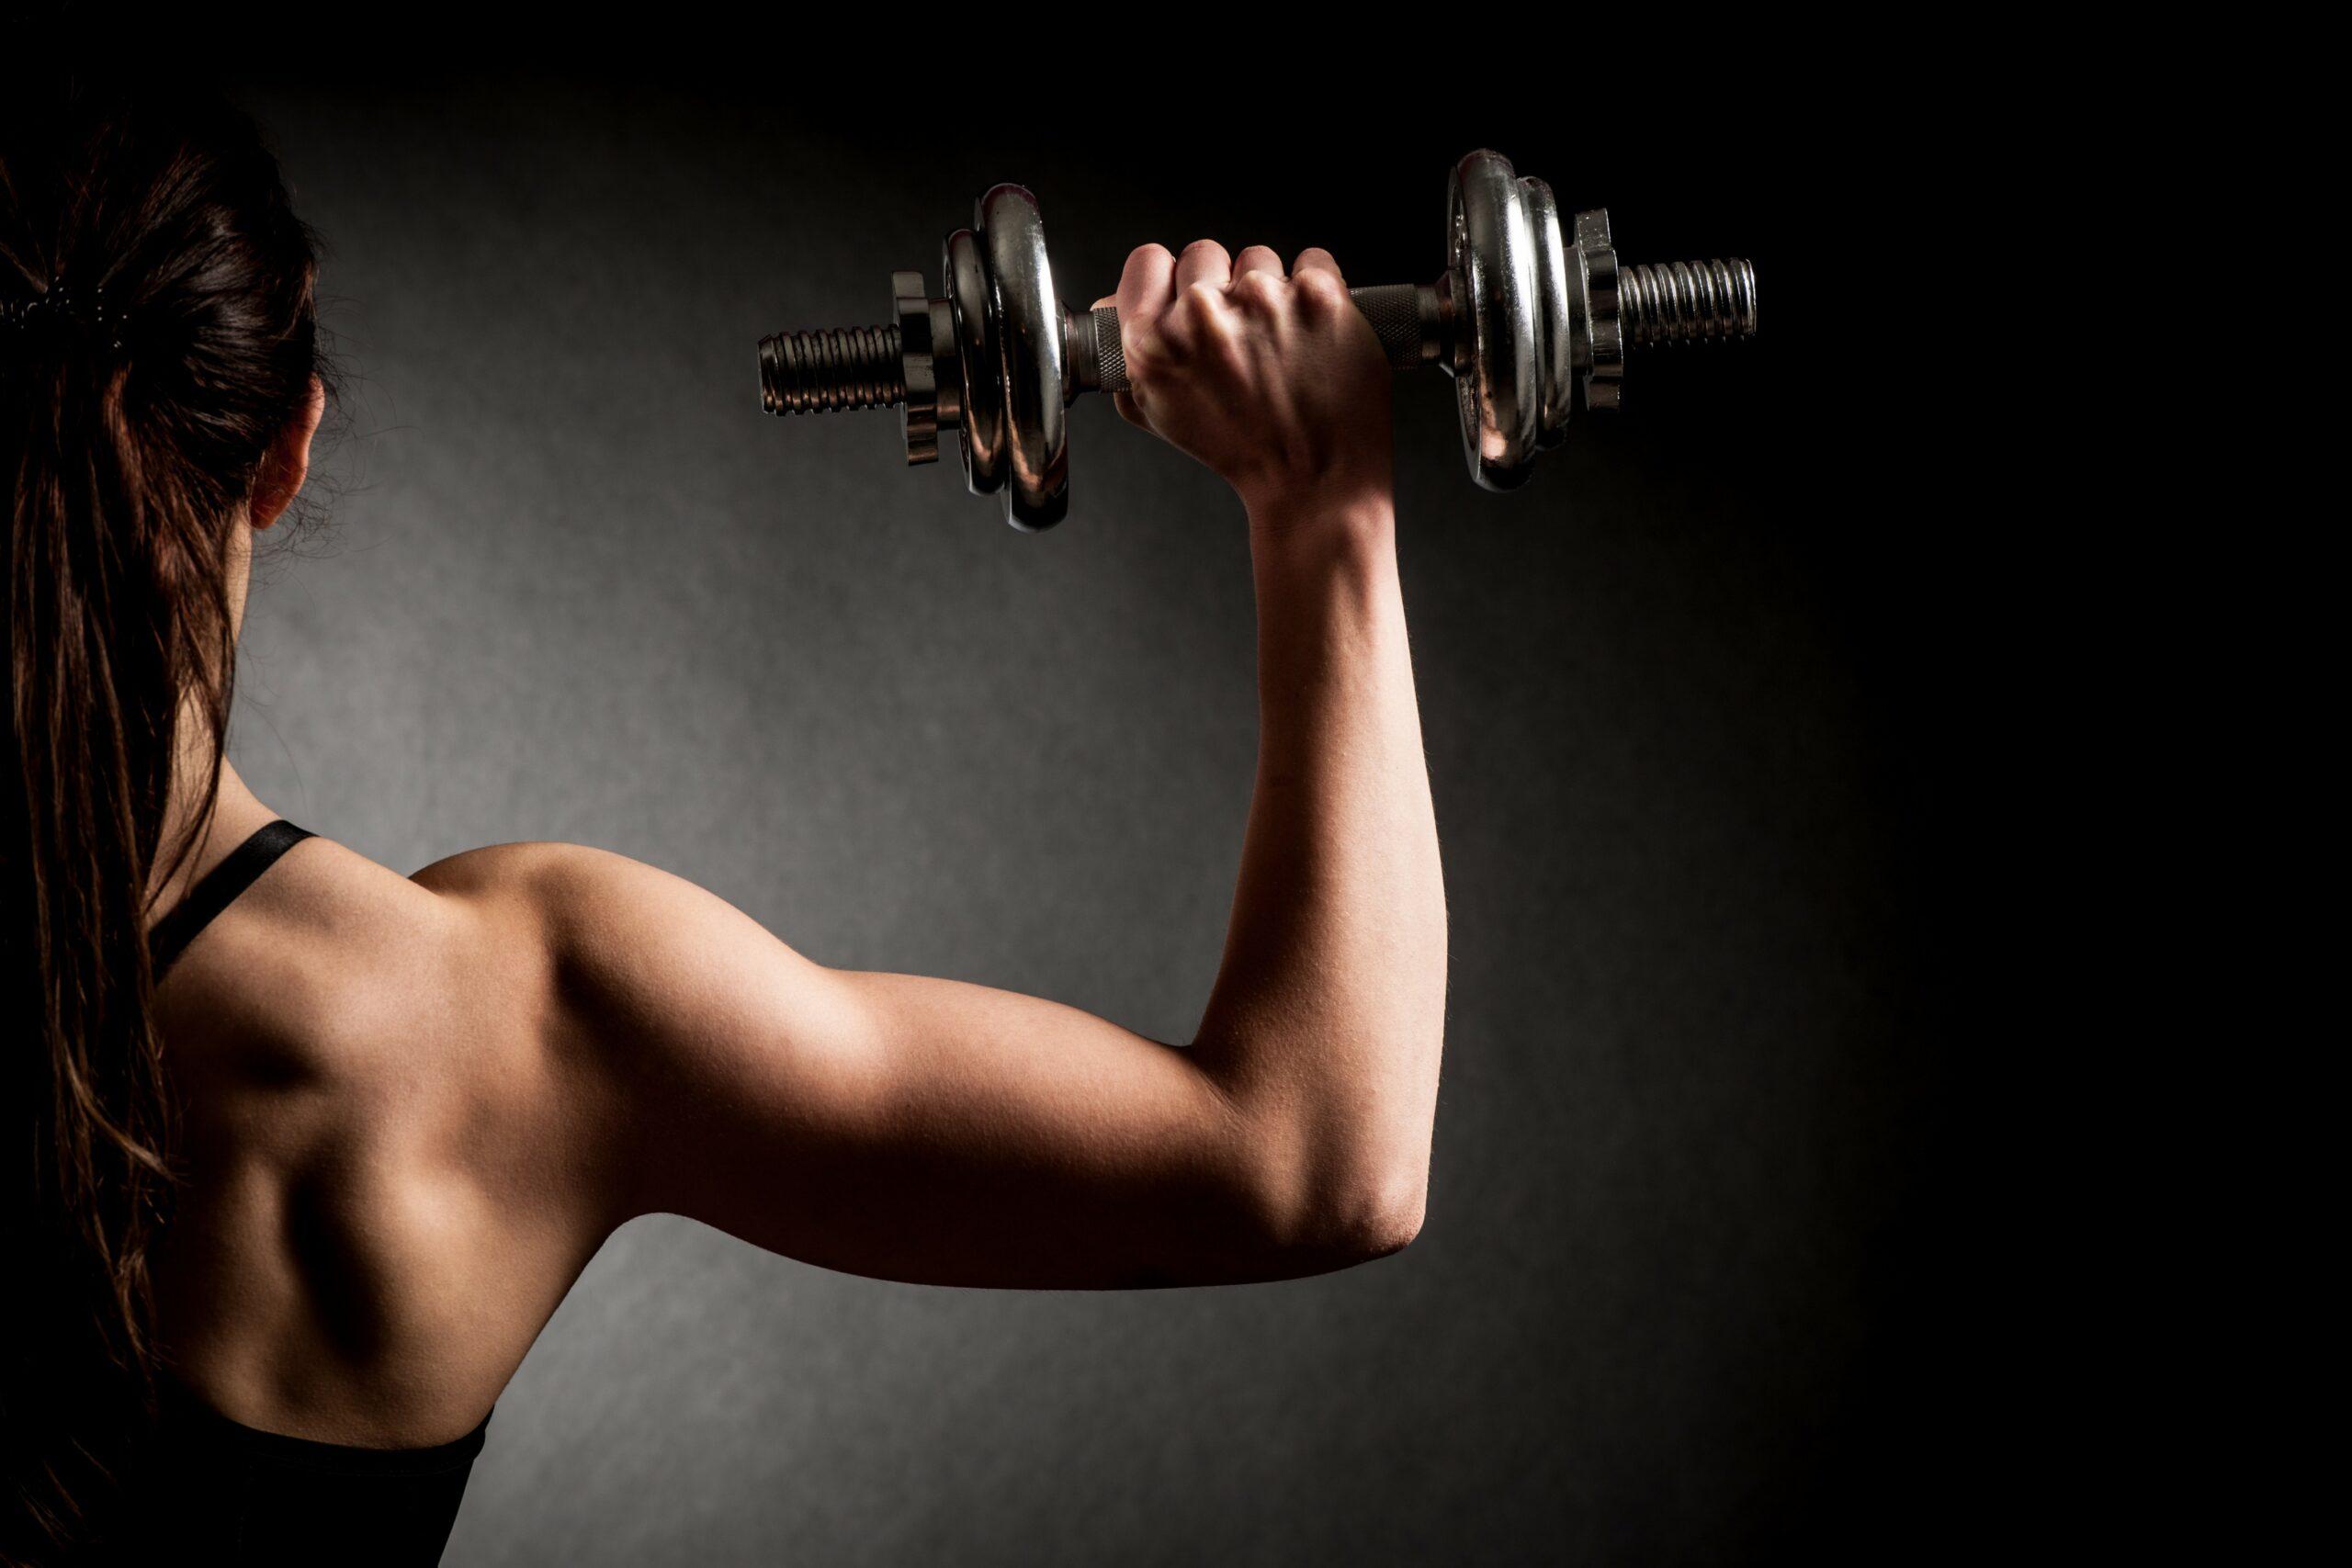 El entrenamiento de fuerza y su repercusión en la mujer